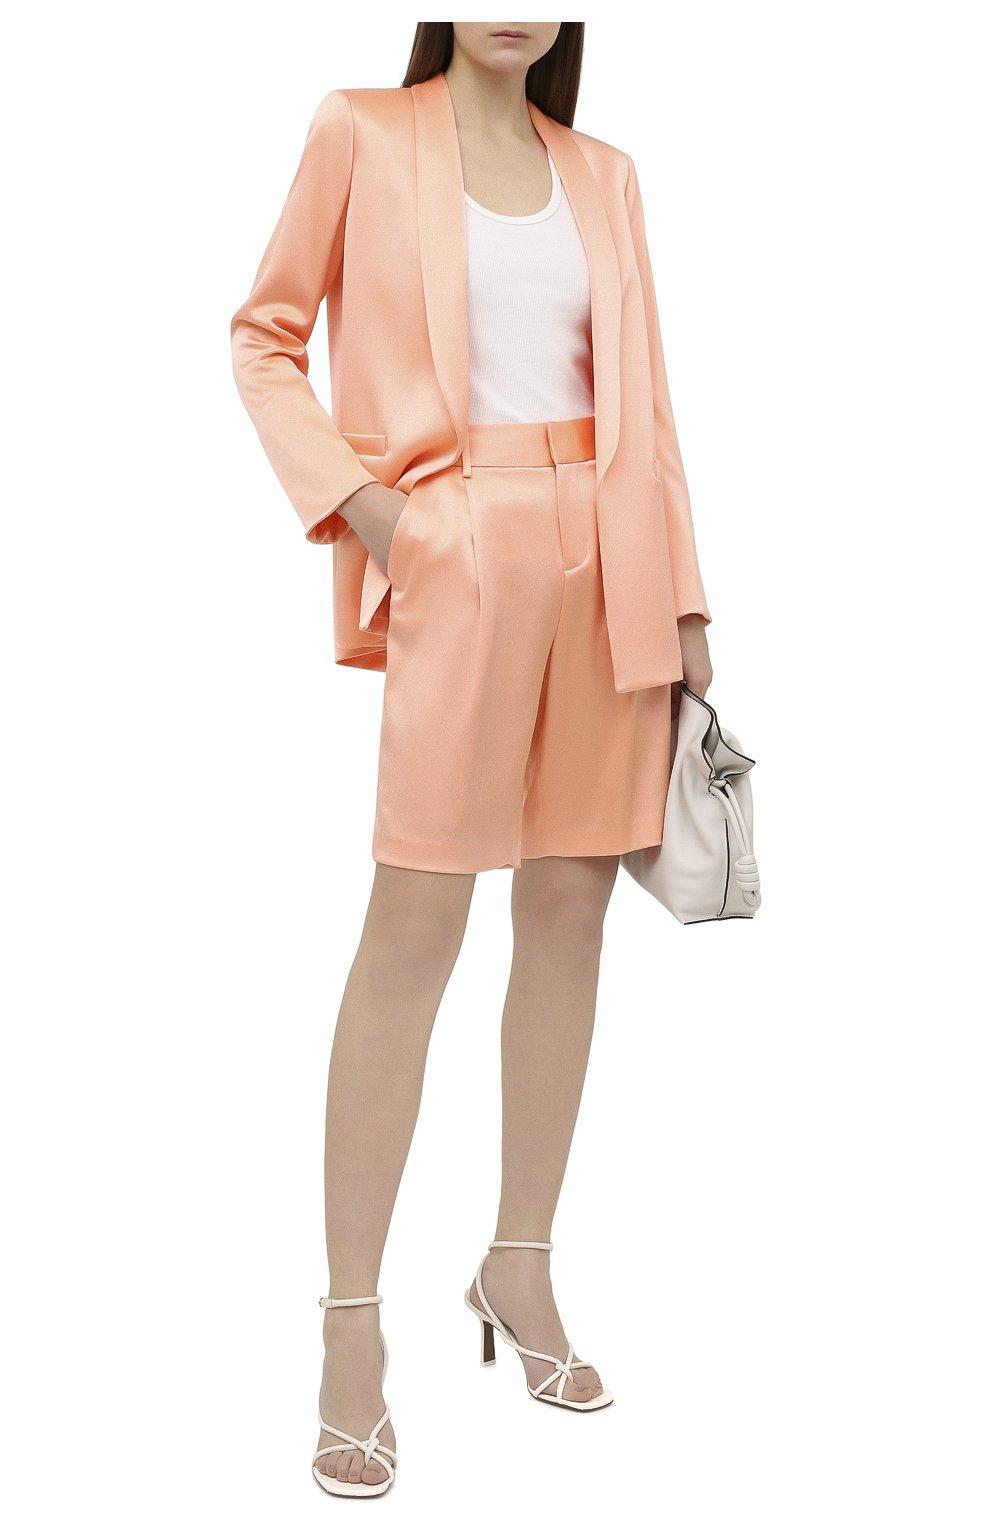 Женские шорты ALICE + OLIVIA оранжевого цвета, арт. CC004205610   Фото 2 (Женское Кросс-КТ: Шорты-одежда; Стили: Гламурный; Материал внешний: Синтетический материал; Длина Ж (юбки, платья, шорты): Миди)